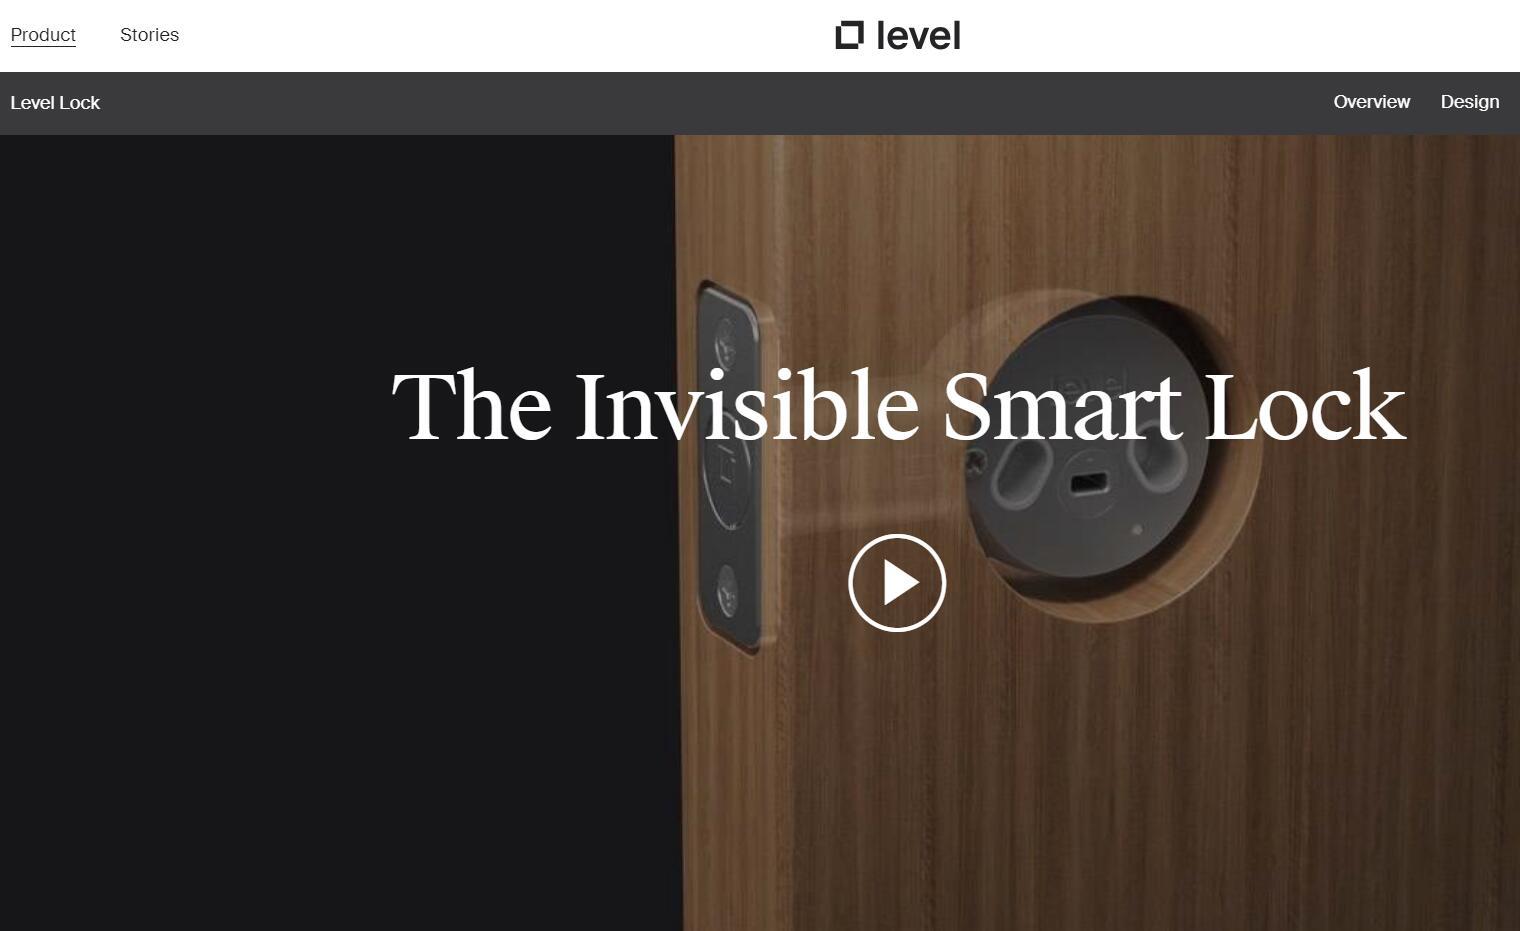 在几分钟内将任何标准门栓转换成隐形智能锁:Level Home 完成沃尔玛领投的7100万美元融资